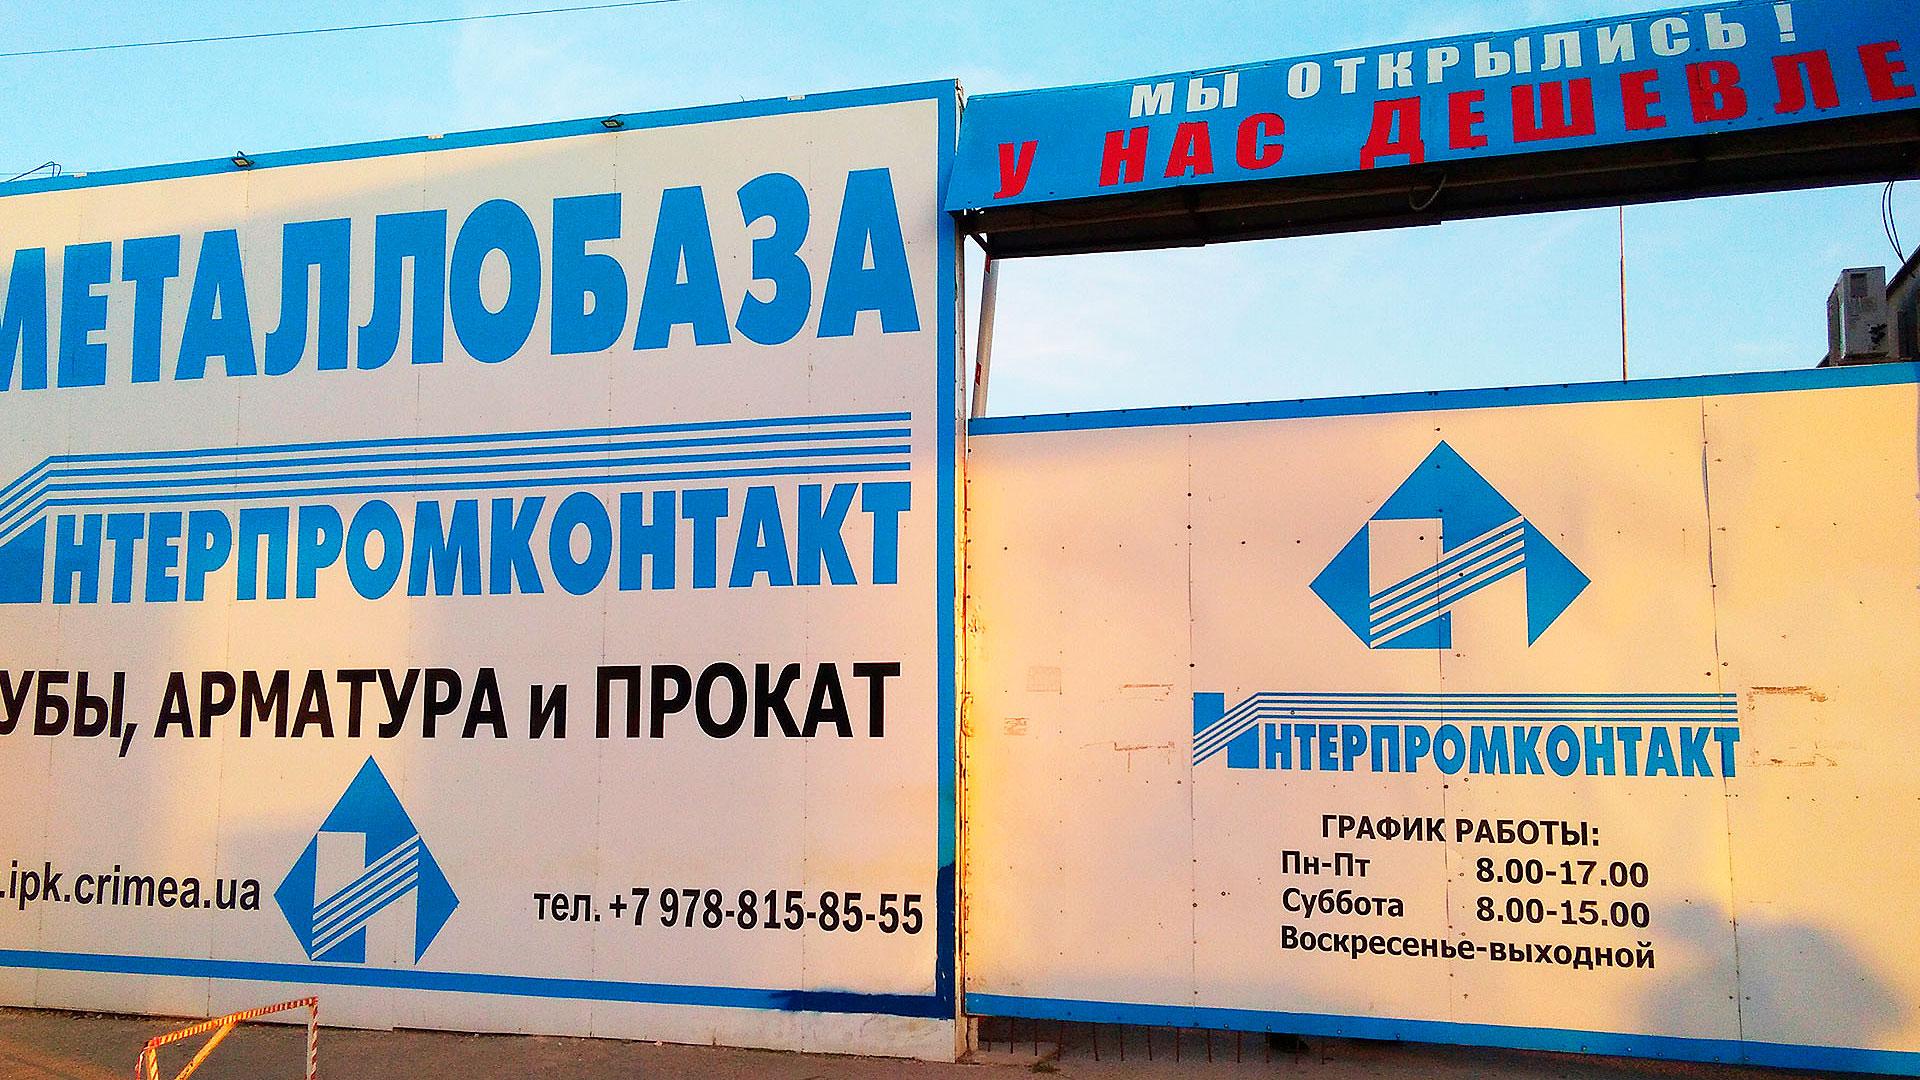 Офис Евпатория